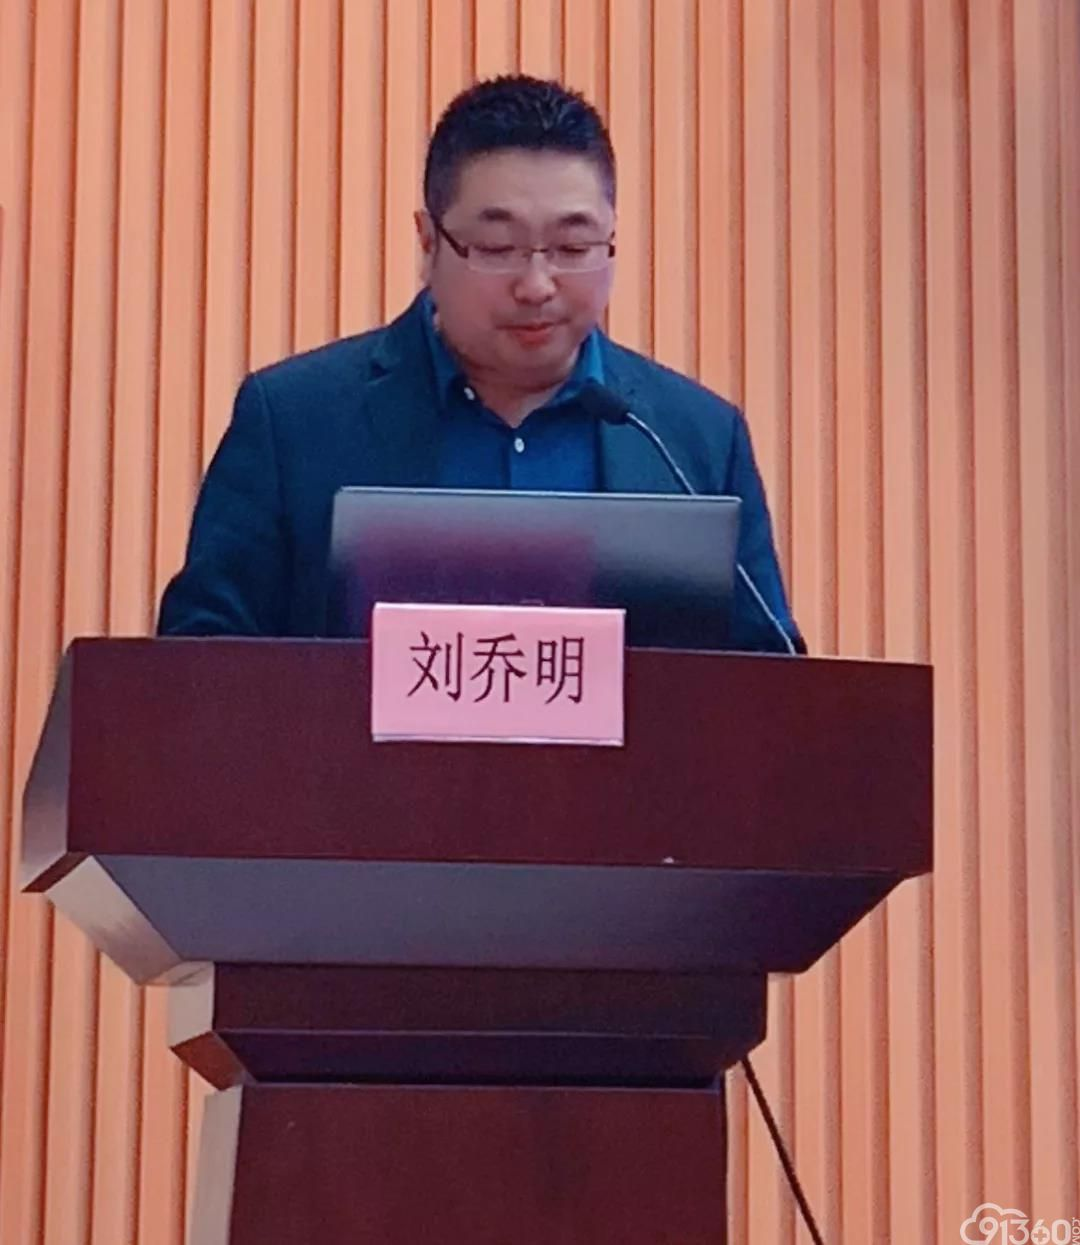 瑞金医院周文龙_2019年南通市病理读片年会在如东县人民医院成功举办 - 91360智慧 ...